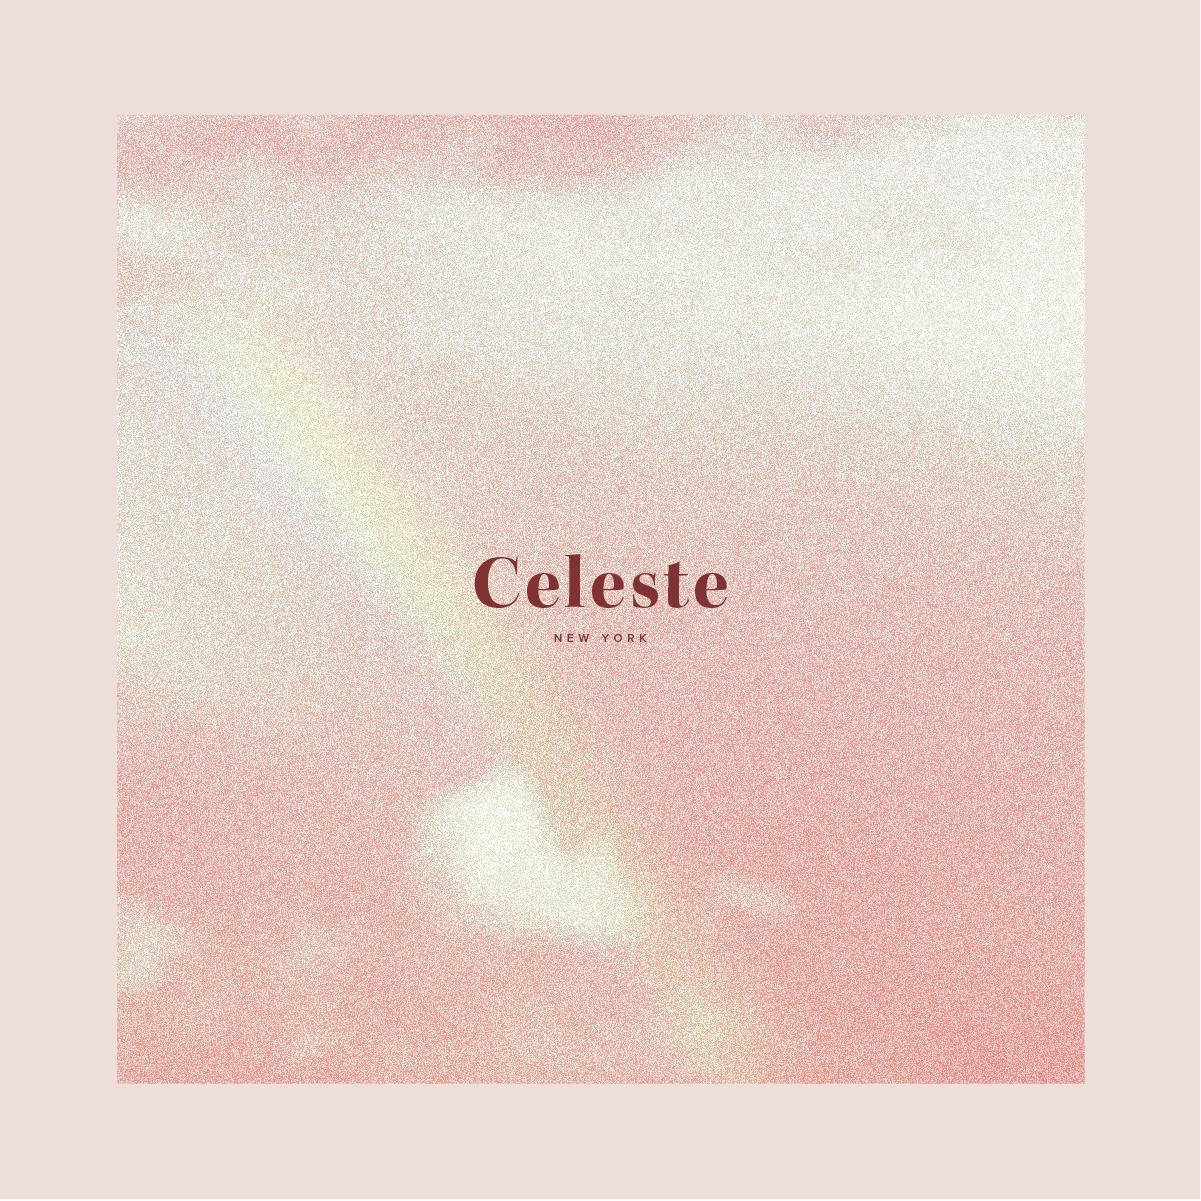 Celeste New York for webers.nyc-02.jpg